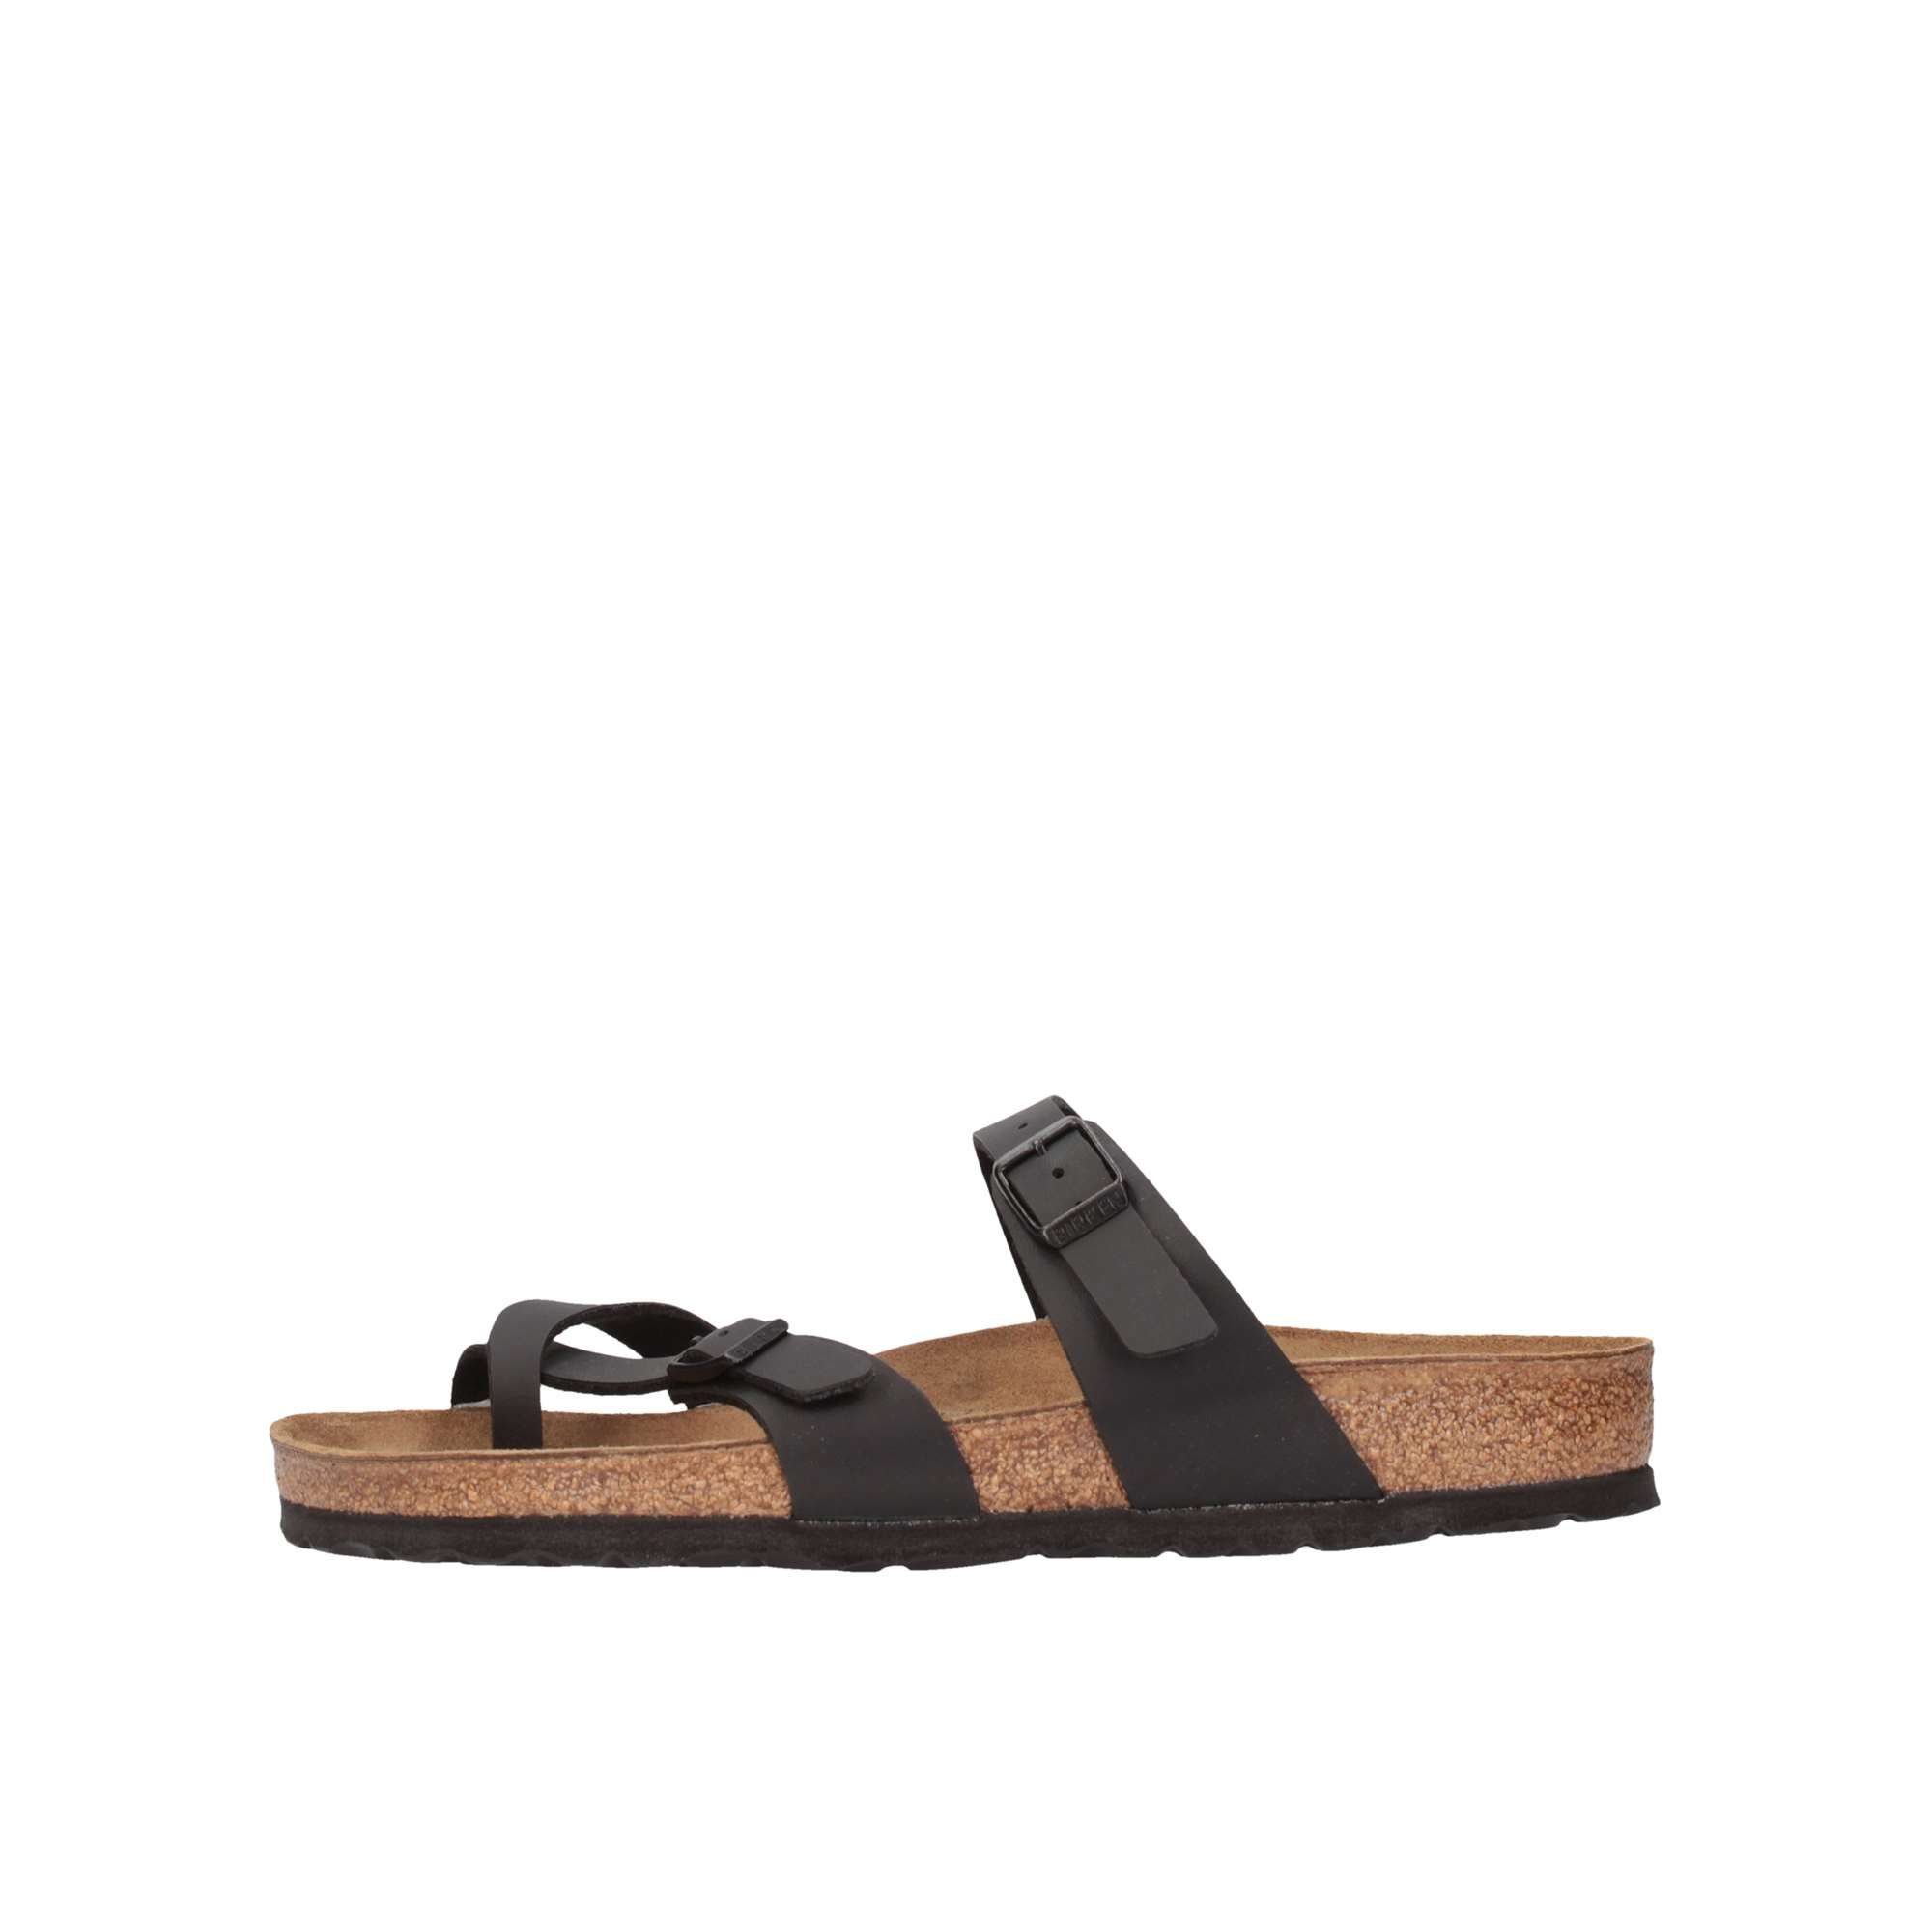 3c6492bf7a3 ... Birkenstock 071791 UOMO Nero Shoes Man ...